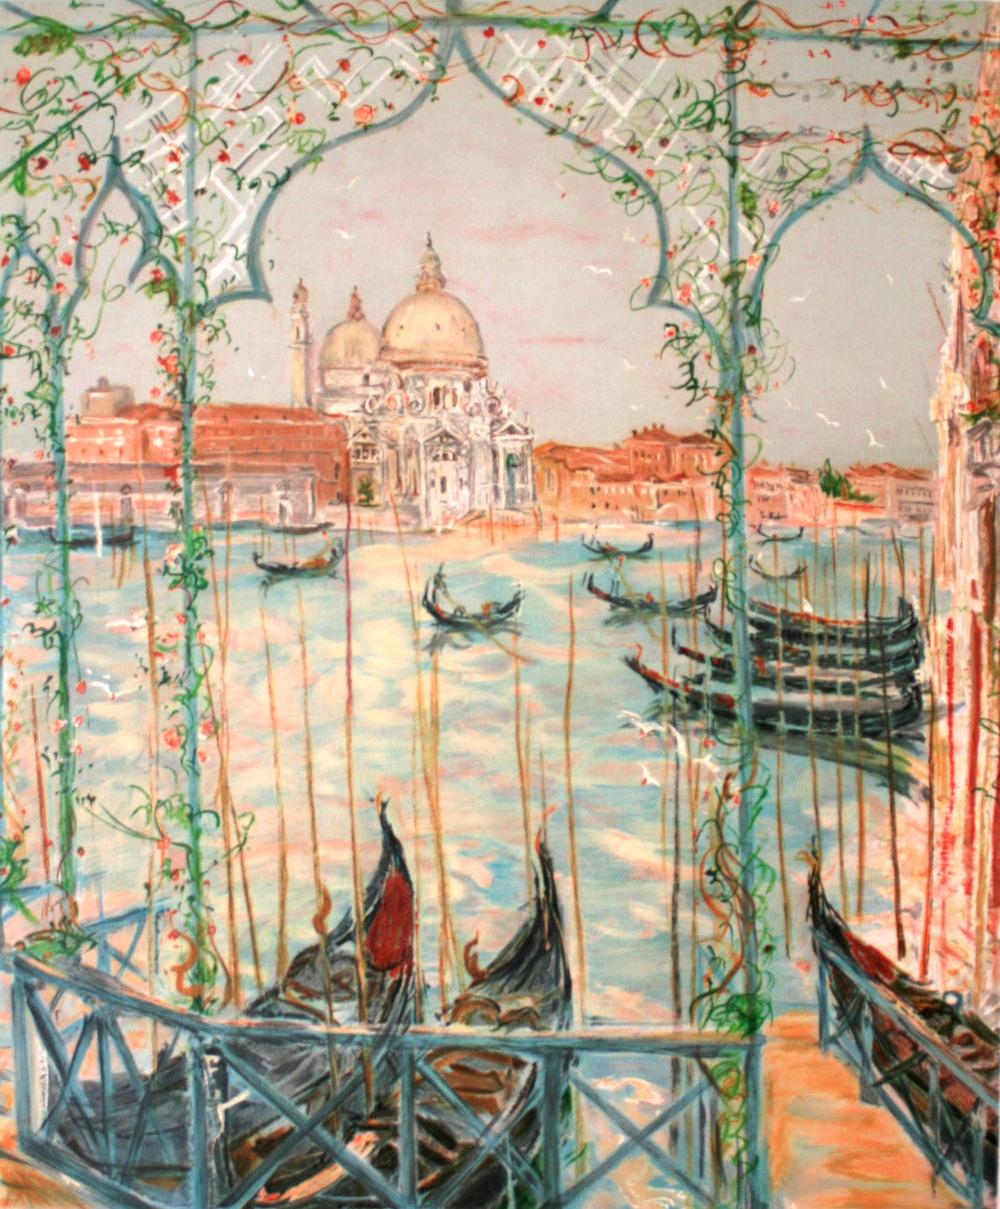 Venise orientale, 1988